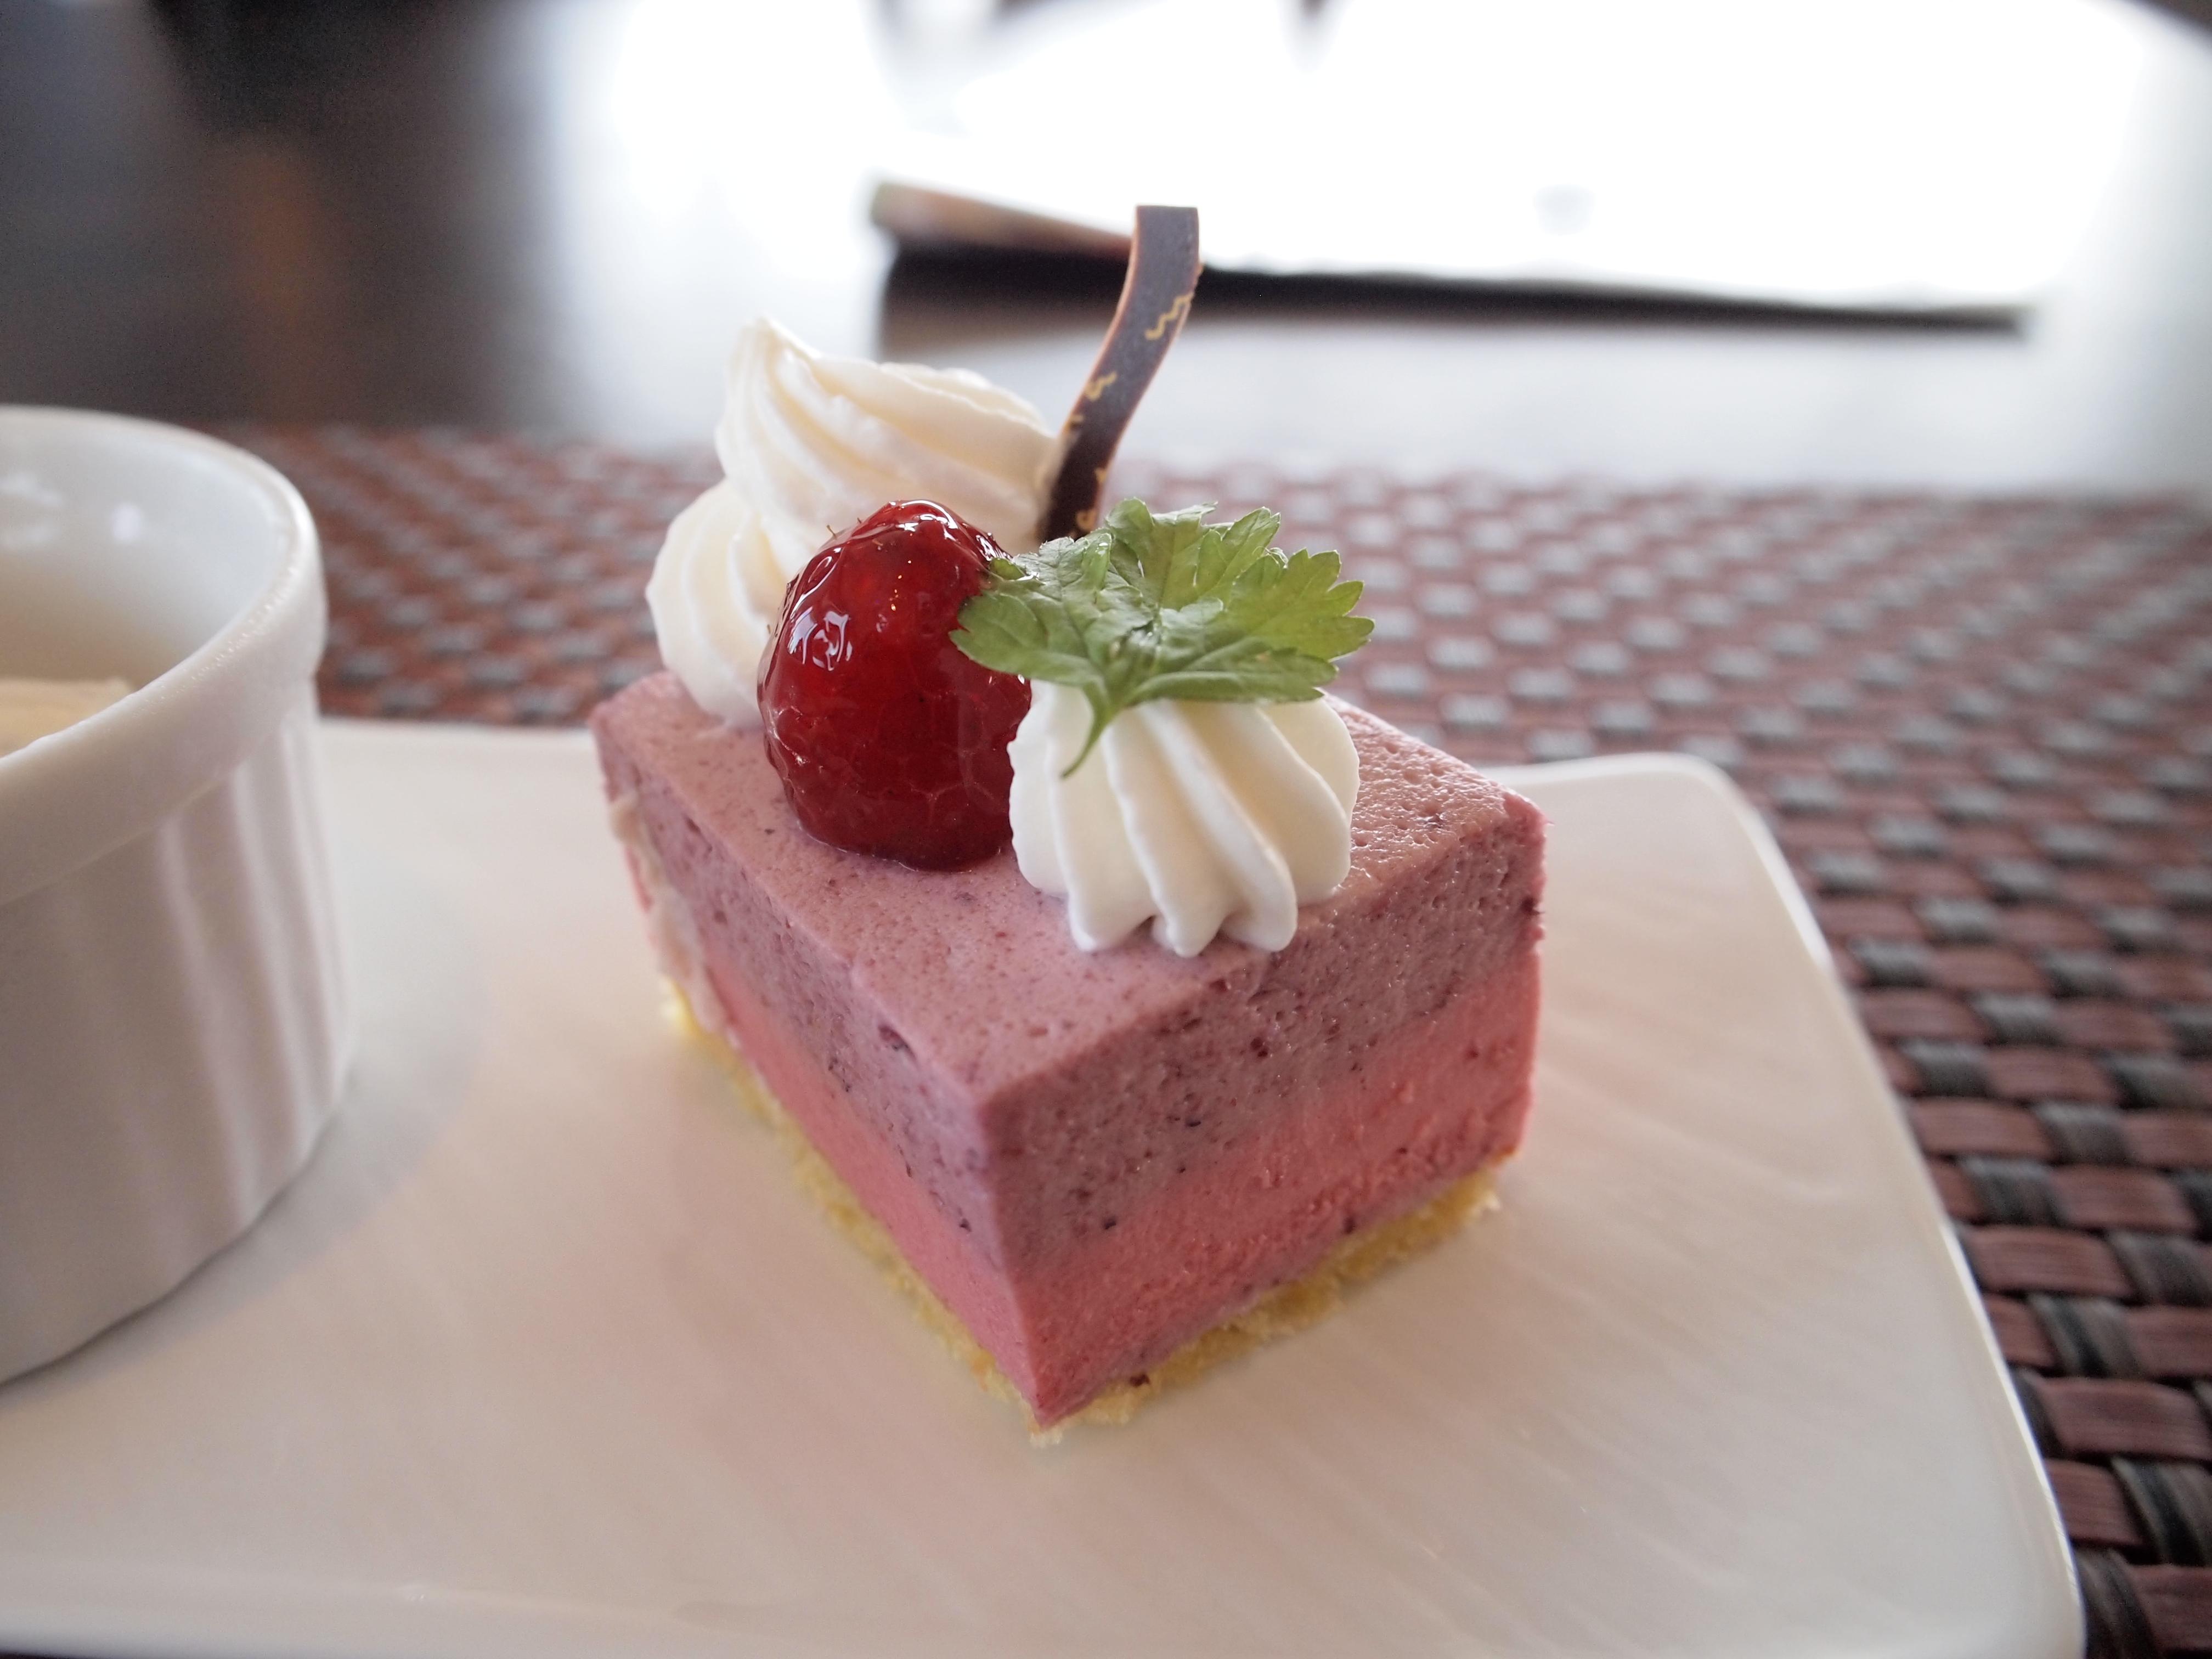 ホテルプラザ神戸 スマイリーネプチューン ランチ デザート ケーキ